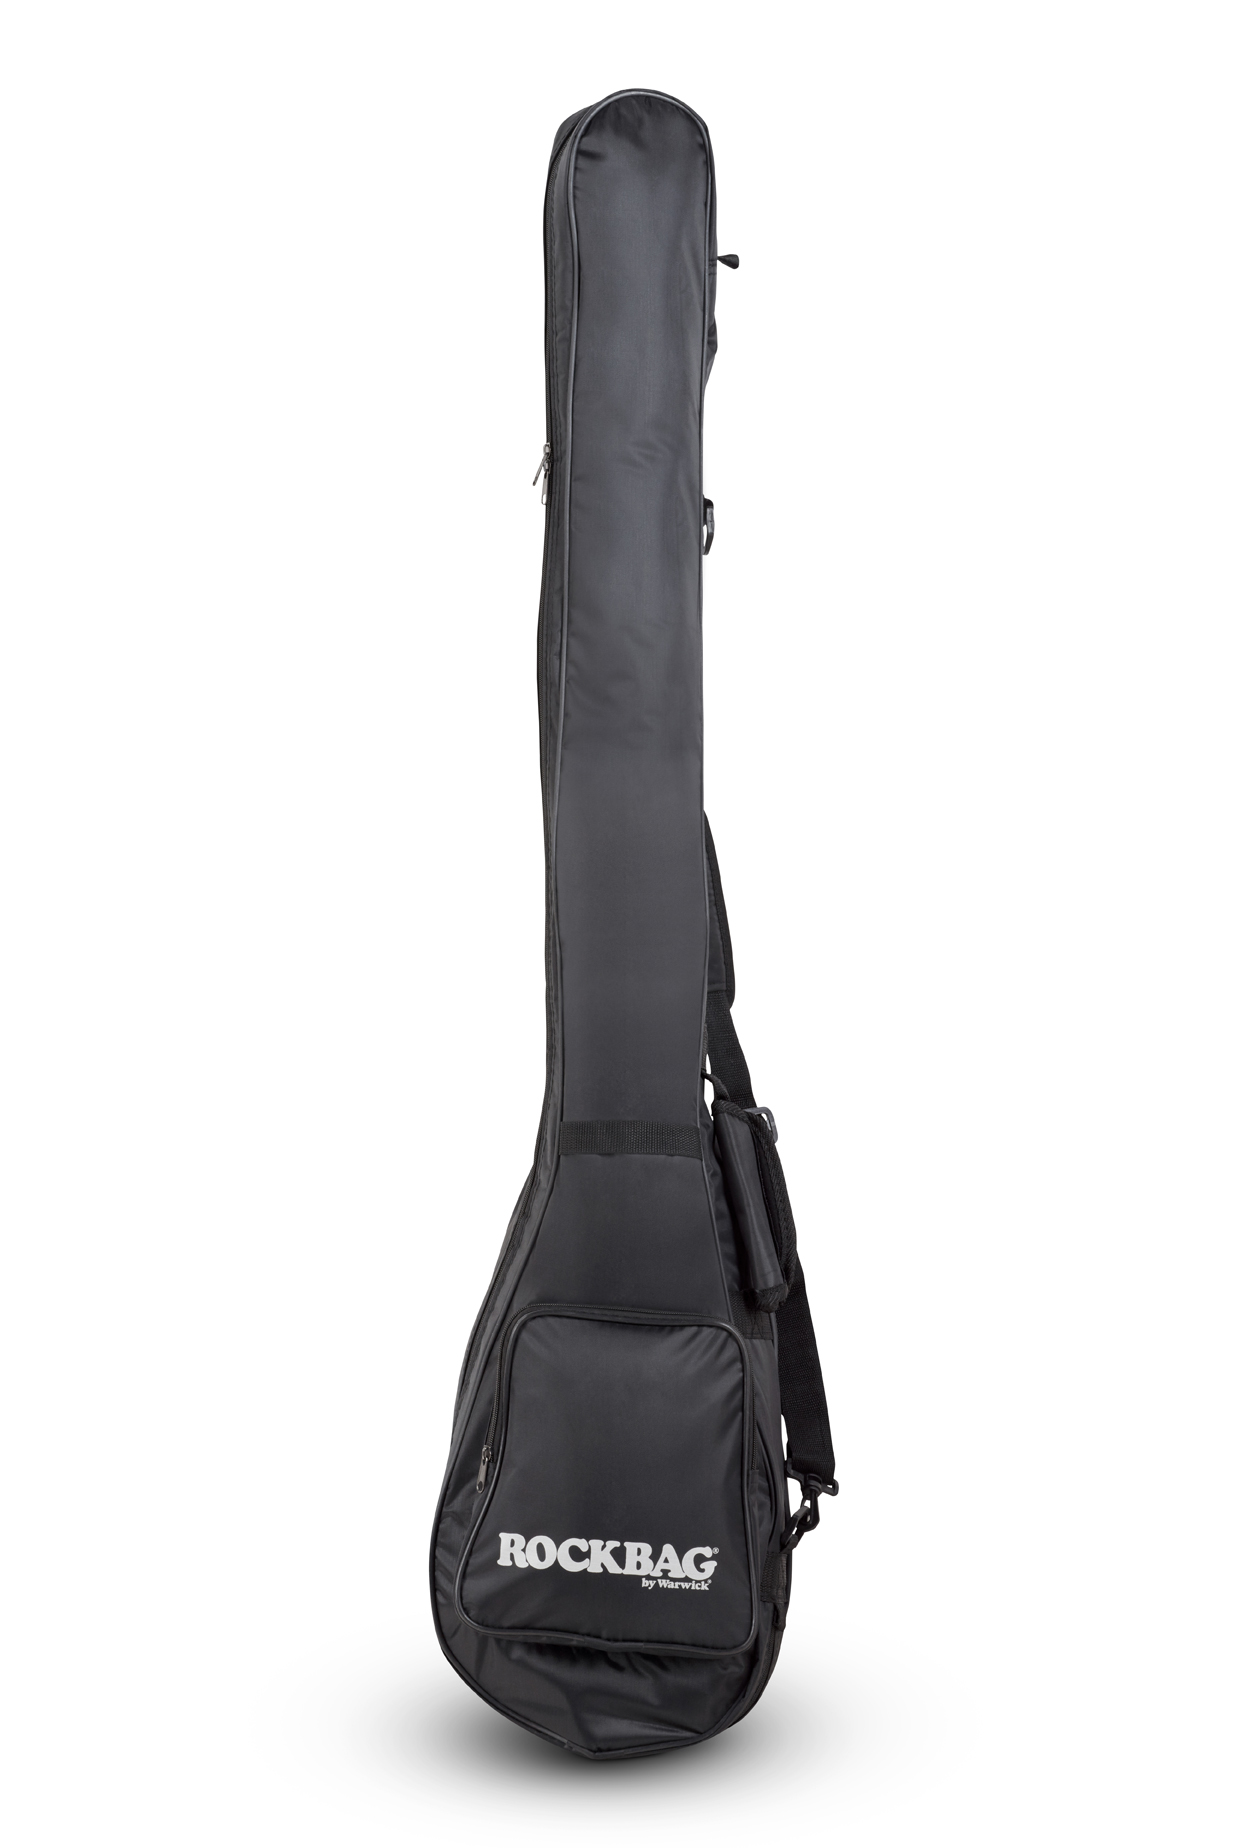 Rockbag RB 20310 B